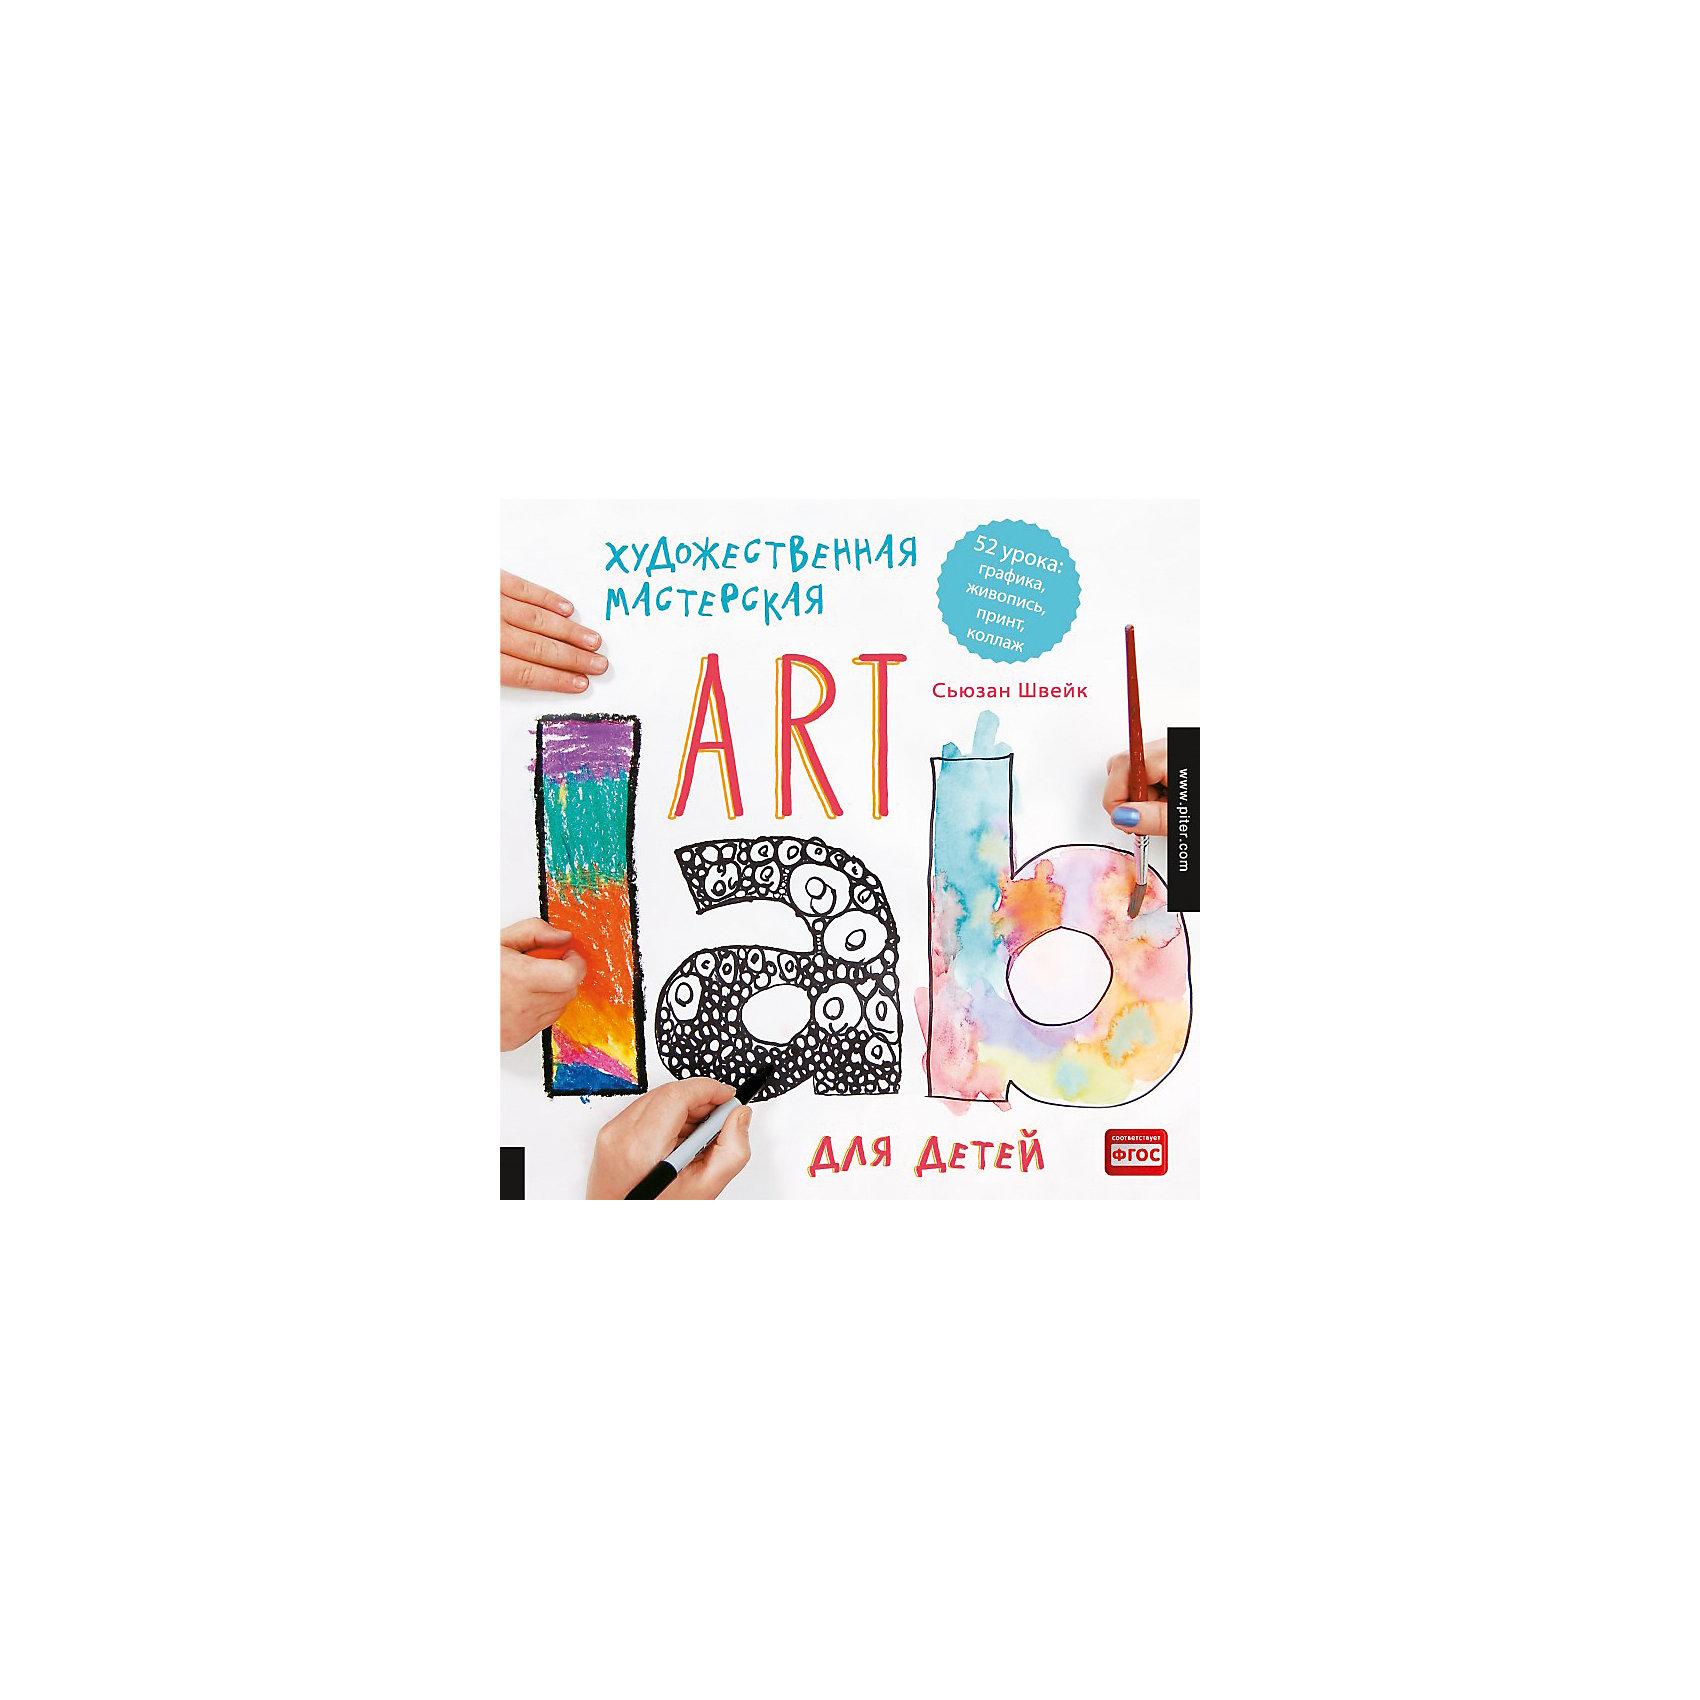 Художественная мастерская для детей (Art Lab)Рисование<br>Книга «Художественная мастерская для детей» - уникальная книга, рассказывающая о формах и видах всевозможного искусства. В книге представлены 52 необычных урока от настоящего мастера своего дела. Ребенок познакомится с живописью, графикой, принтами, квиллингом, коллажами и многими другими техниками выражения себя. Завершение каждого урока приносит ребенку результат в виде чего-то, созданного своими руками. Книга содержит яркие, красочные иллюстрации, от которых невозможно оторваться. Сборник развивает мышление, творческие способности и воображение. <br><br>Дополнительная информация:<br><br>страниц: 144;<br>возраст: 6+;<br>формат:  220 х 290 мм.<br><br>Книгу «Художественная мастерская для детей (Art Lab)» можно купить в нашем магазине.<br><br>Ширина мм: 290<br>Глубина мм: 215<br>Высота мм: 9<br>Вес г: 440<br>Возраст от месяцев: 72<br>Возраст до месяцев: 2147483647<br>Пол: Унисекс<br>Возраст: Детский<br>SKU: 4966331